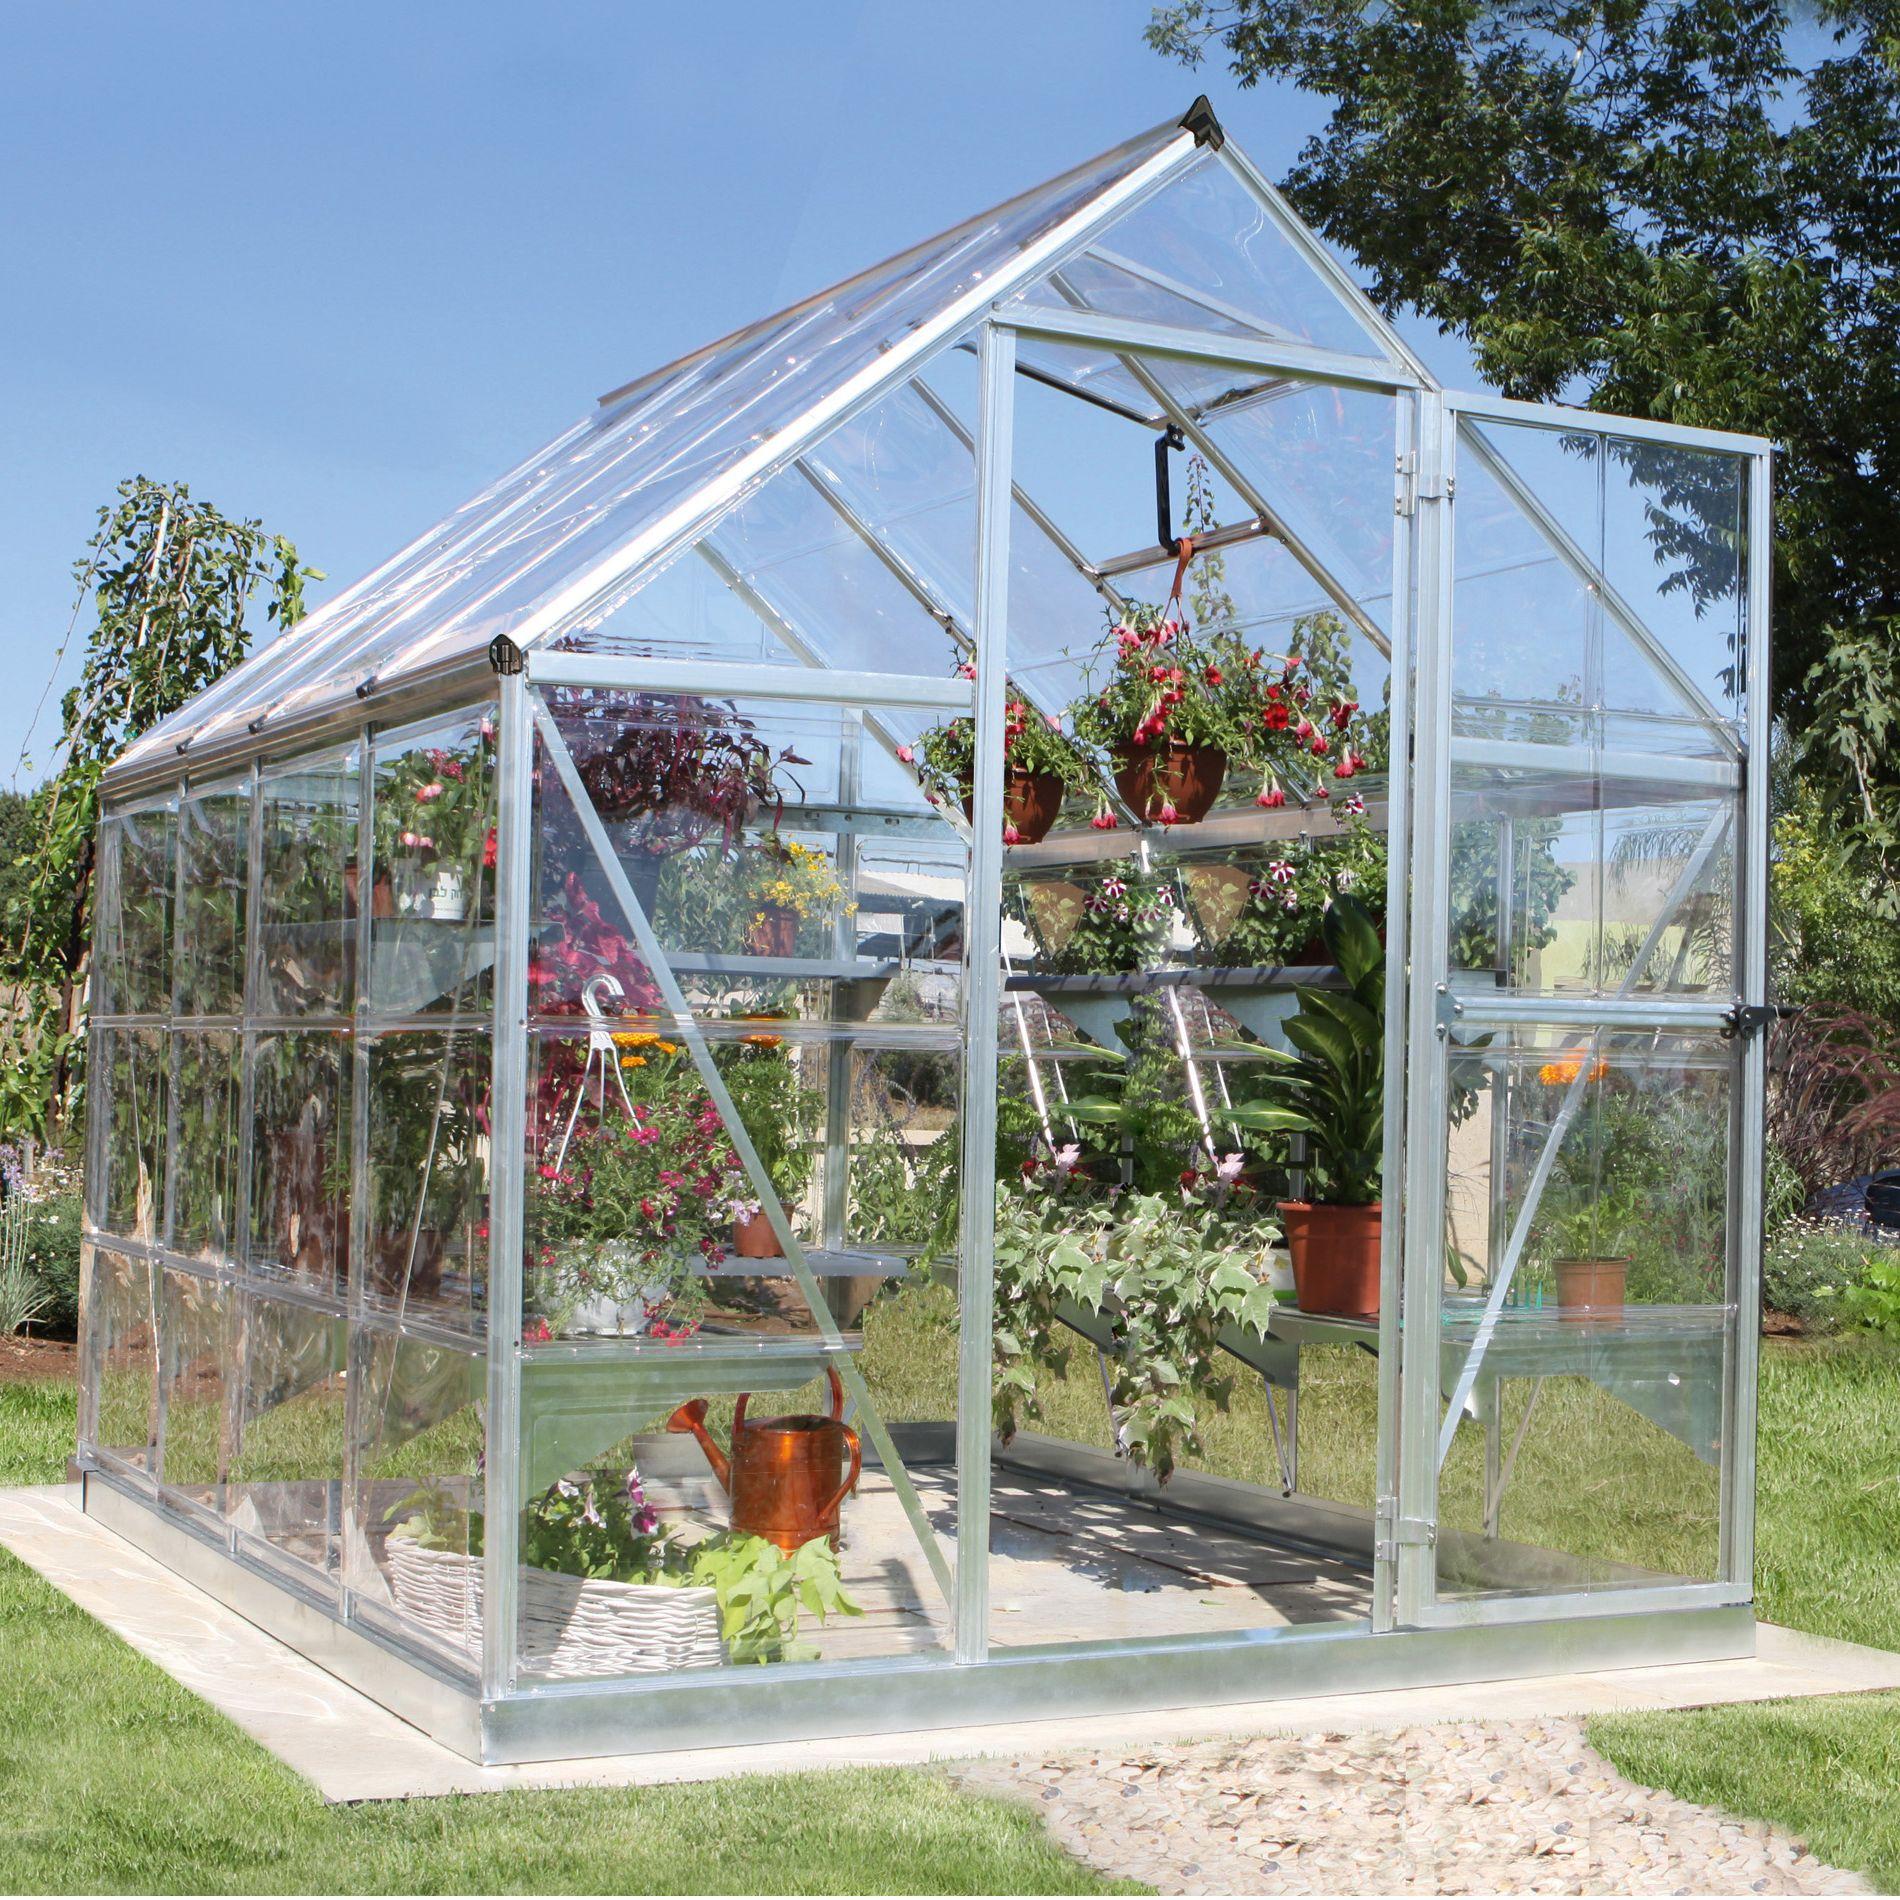 design gardening designs bed garden greenhouse